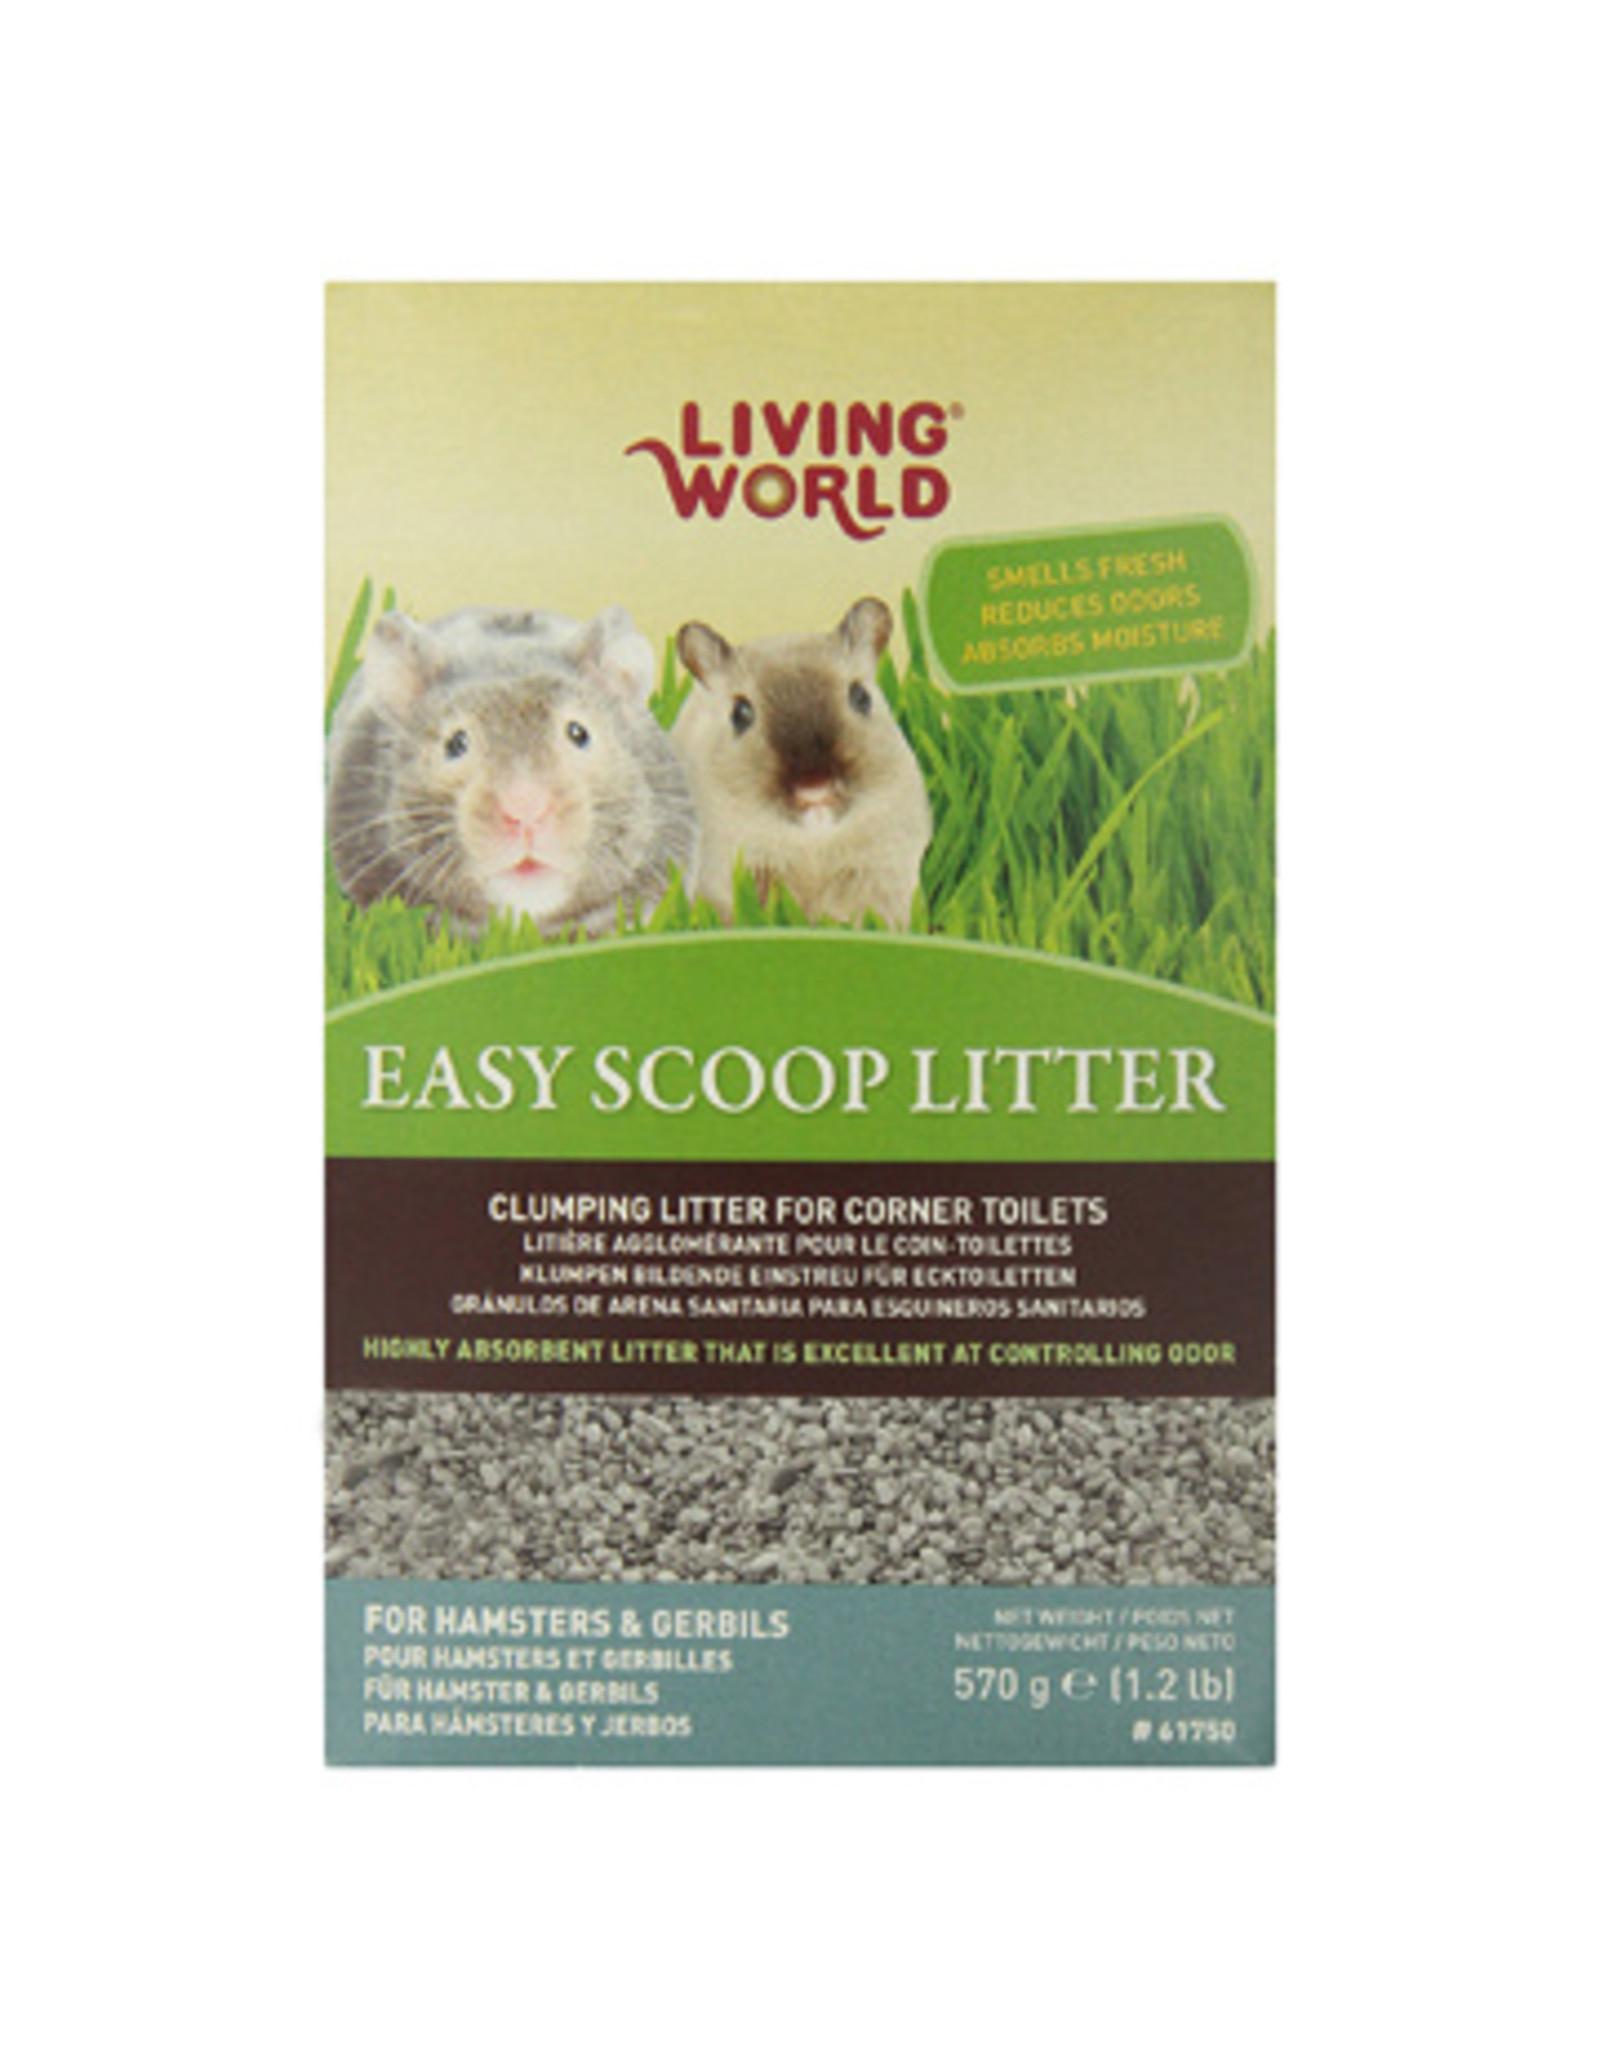 Living World LIVING WORLD Easy Scoop, 570g